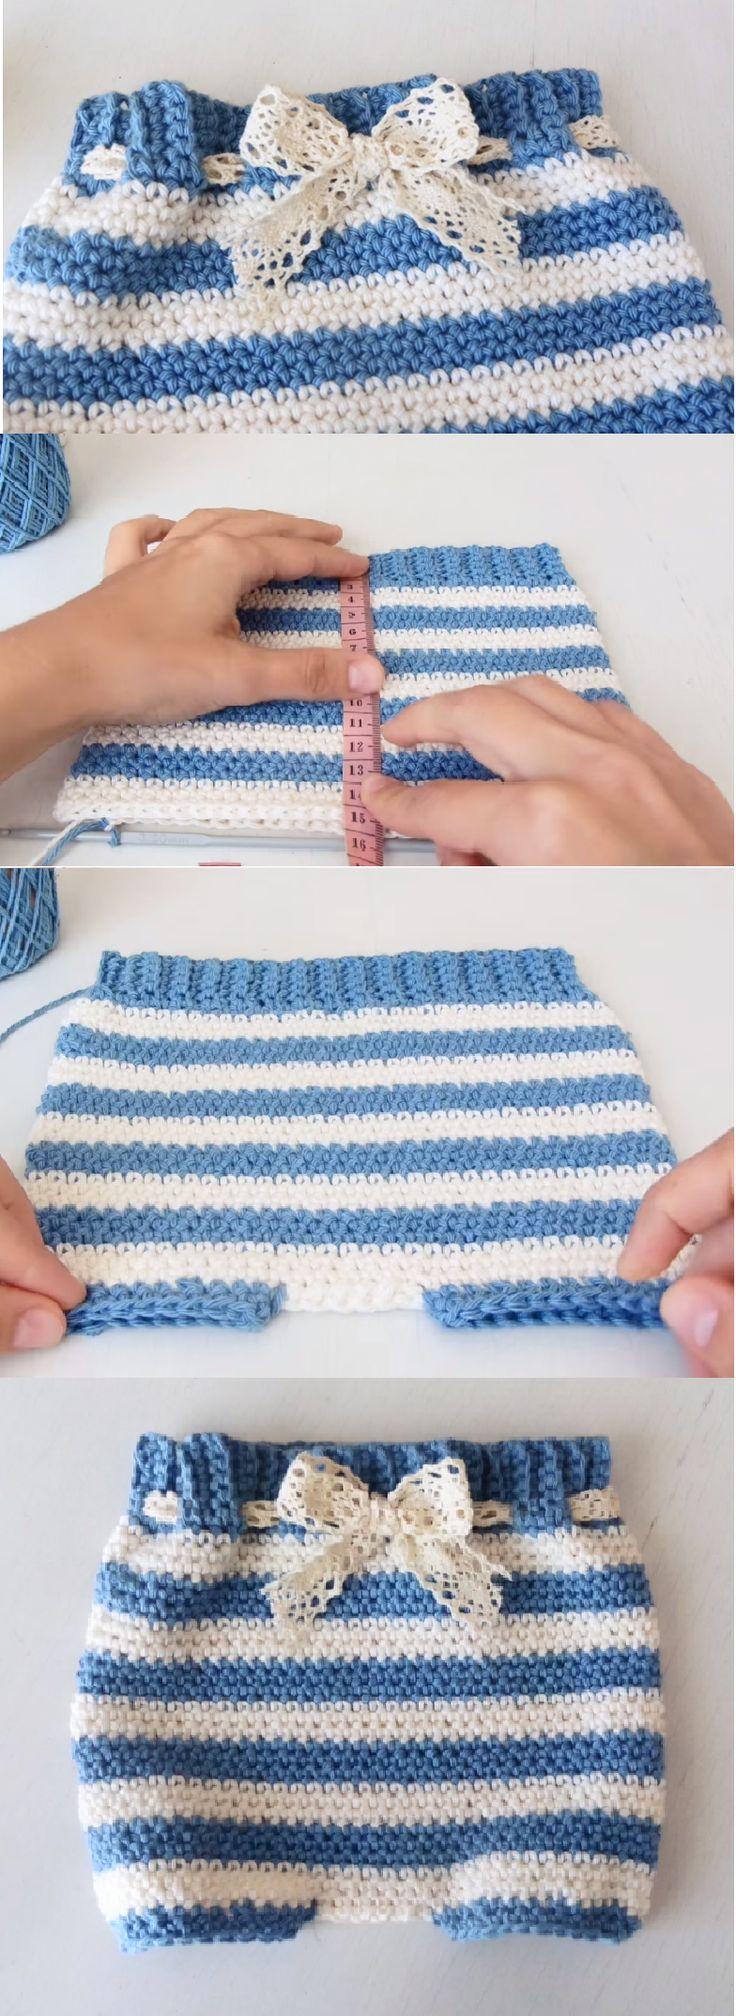 Crochet-Diaper-Cover